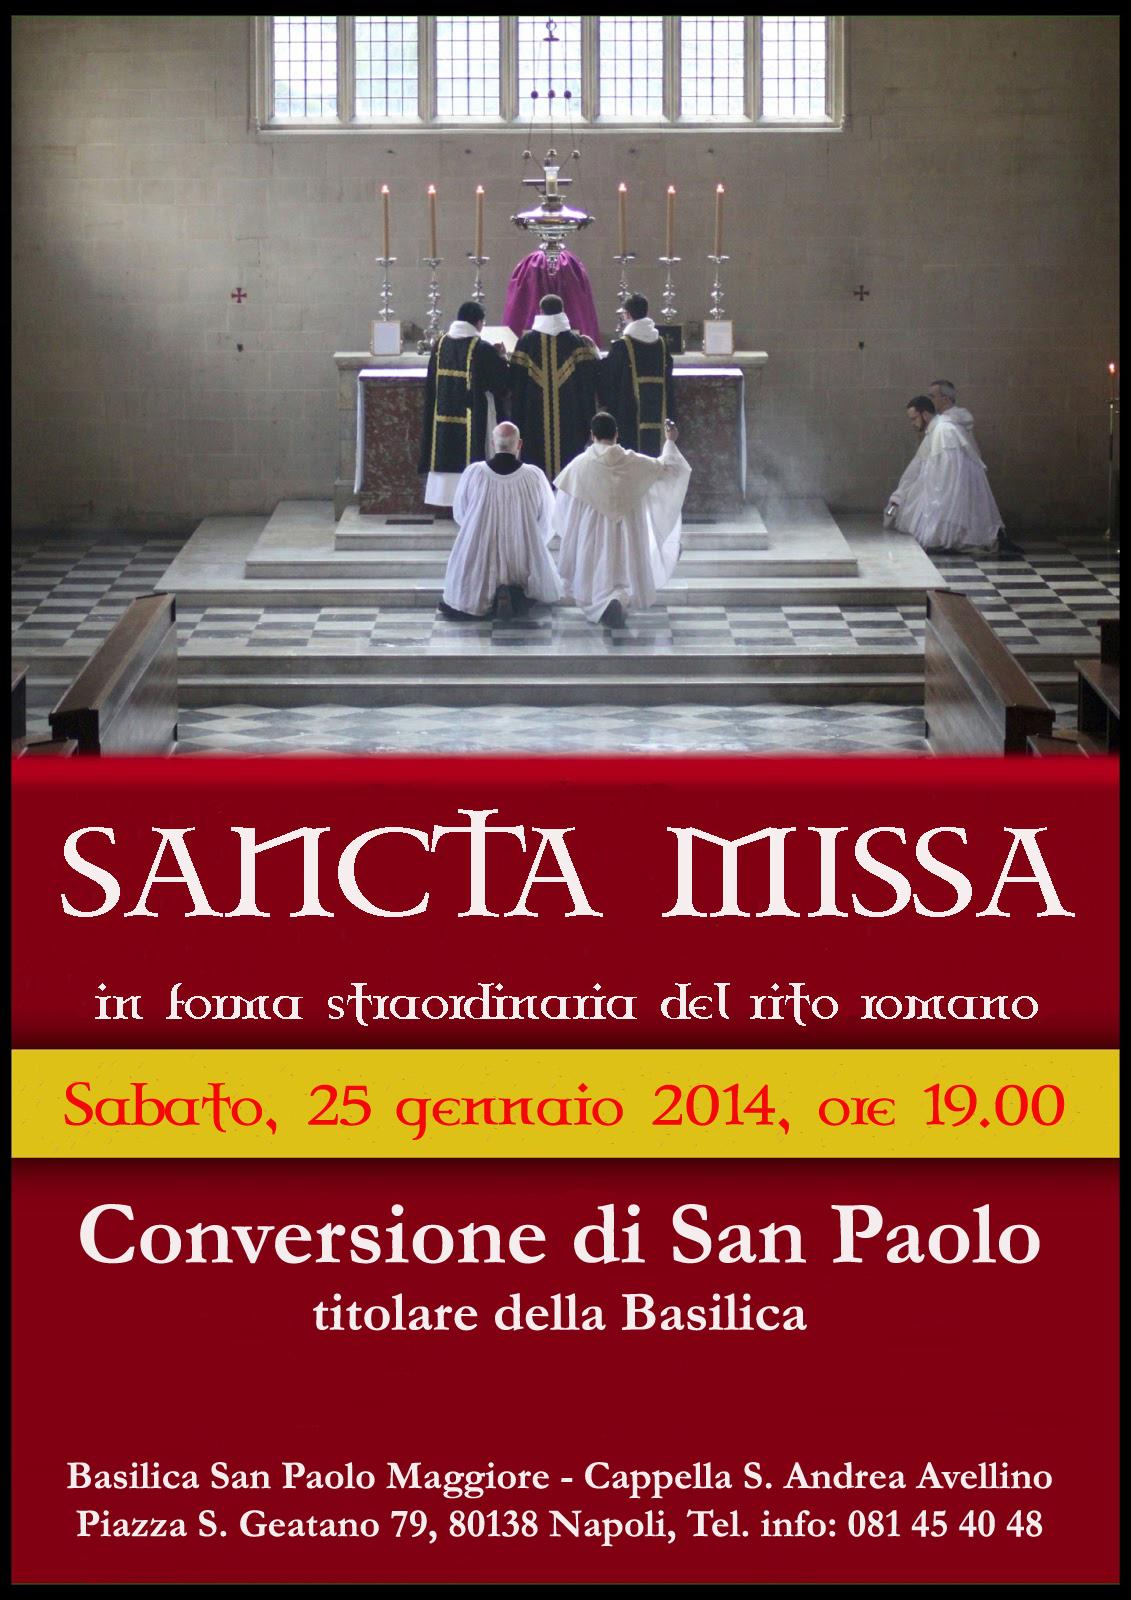 Basilica di S. Paolo Maggiore Napoli. Messa tridentina il 25 gennaio 2014